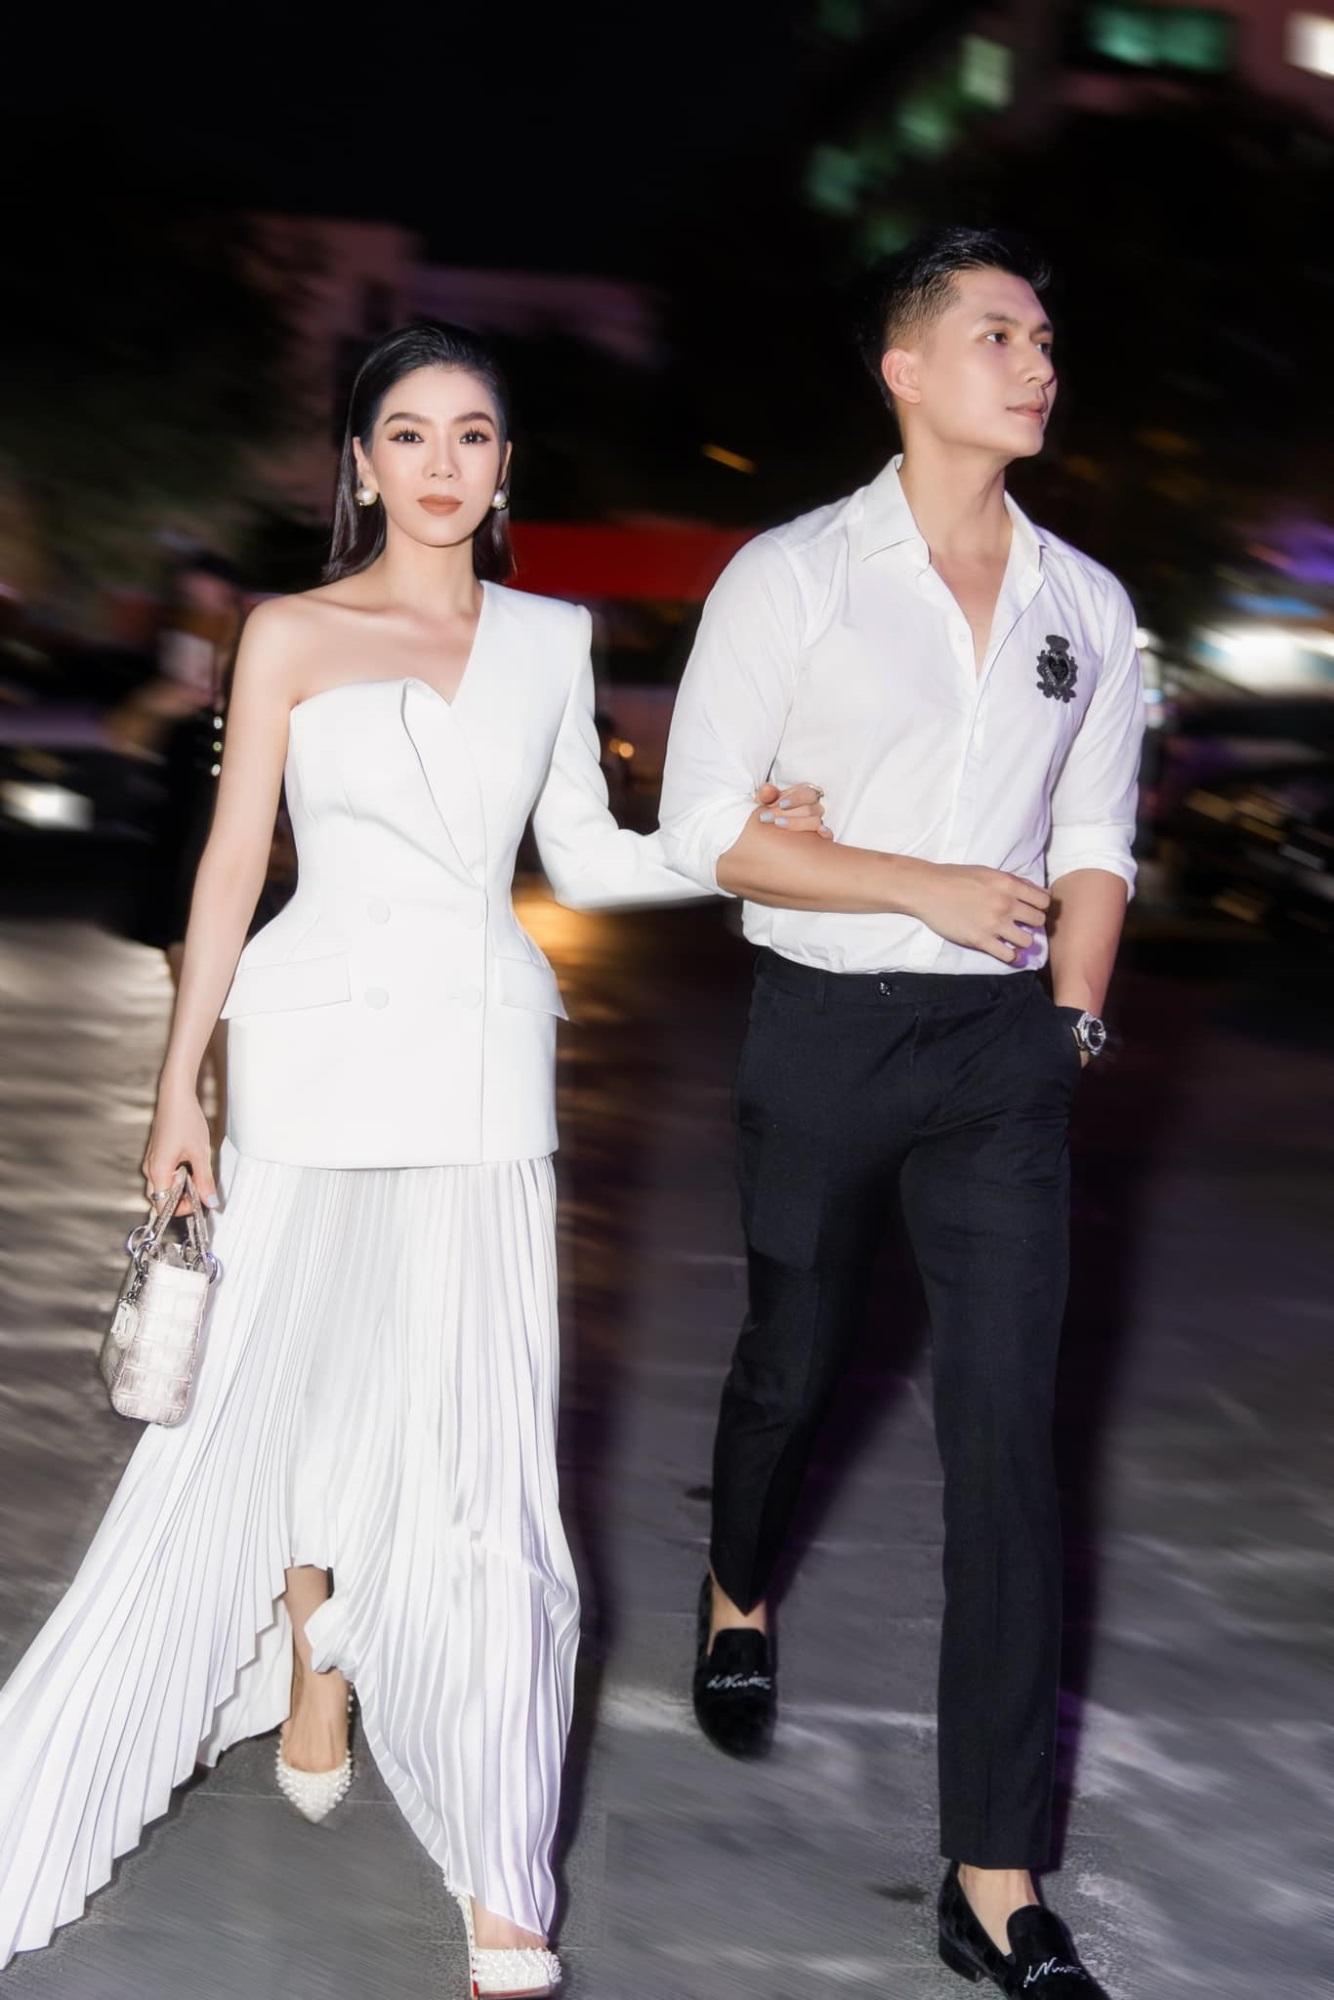 Hôn nhân tan vỡ, mỹ nhân Việt nên duyên cùng tình trẻ: Người được cưng chiều hết nấc, người kết hôn cùng 'phi công' kém 10 tuổi  - Ảnh 3